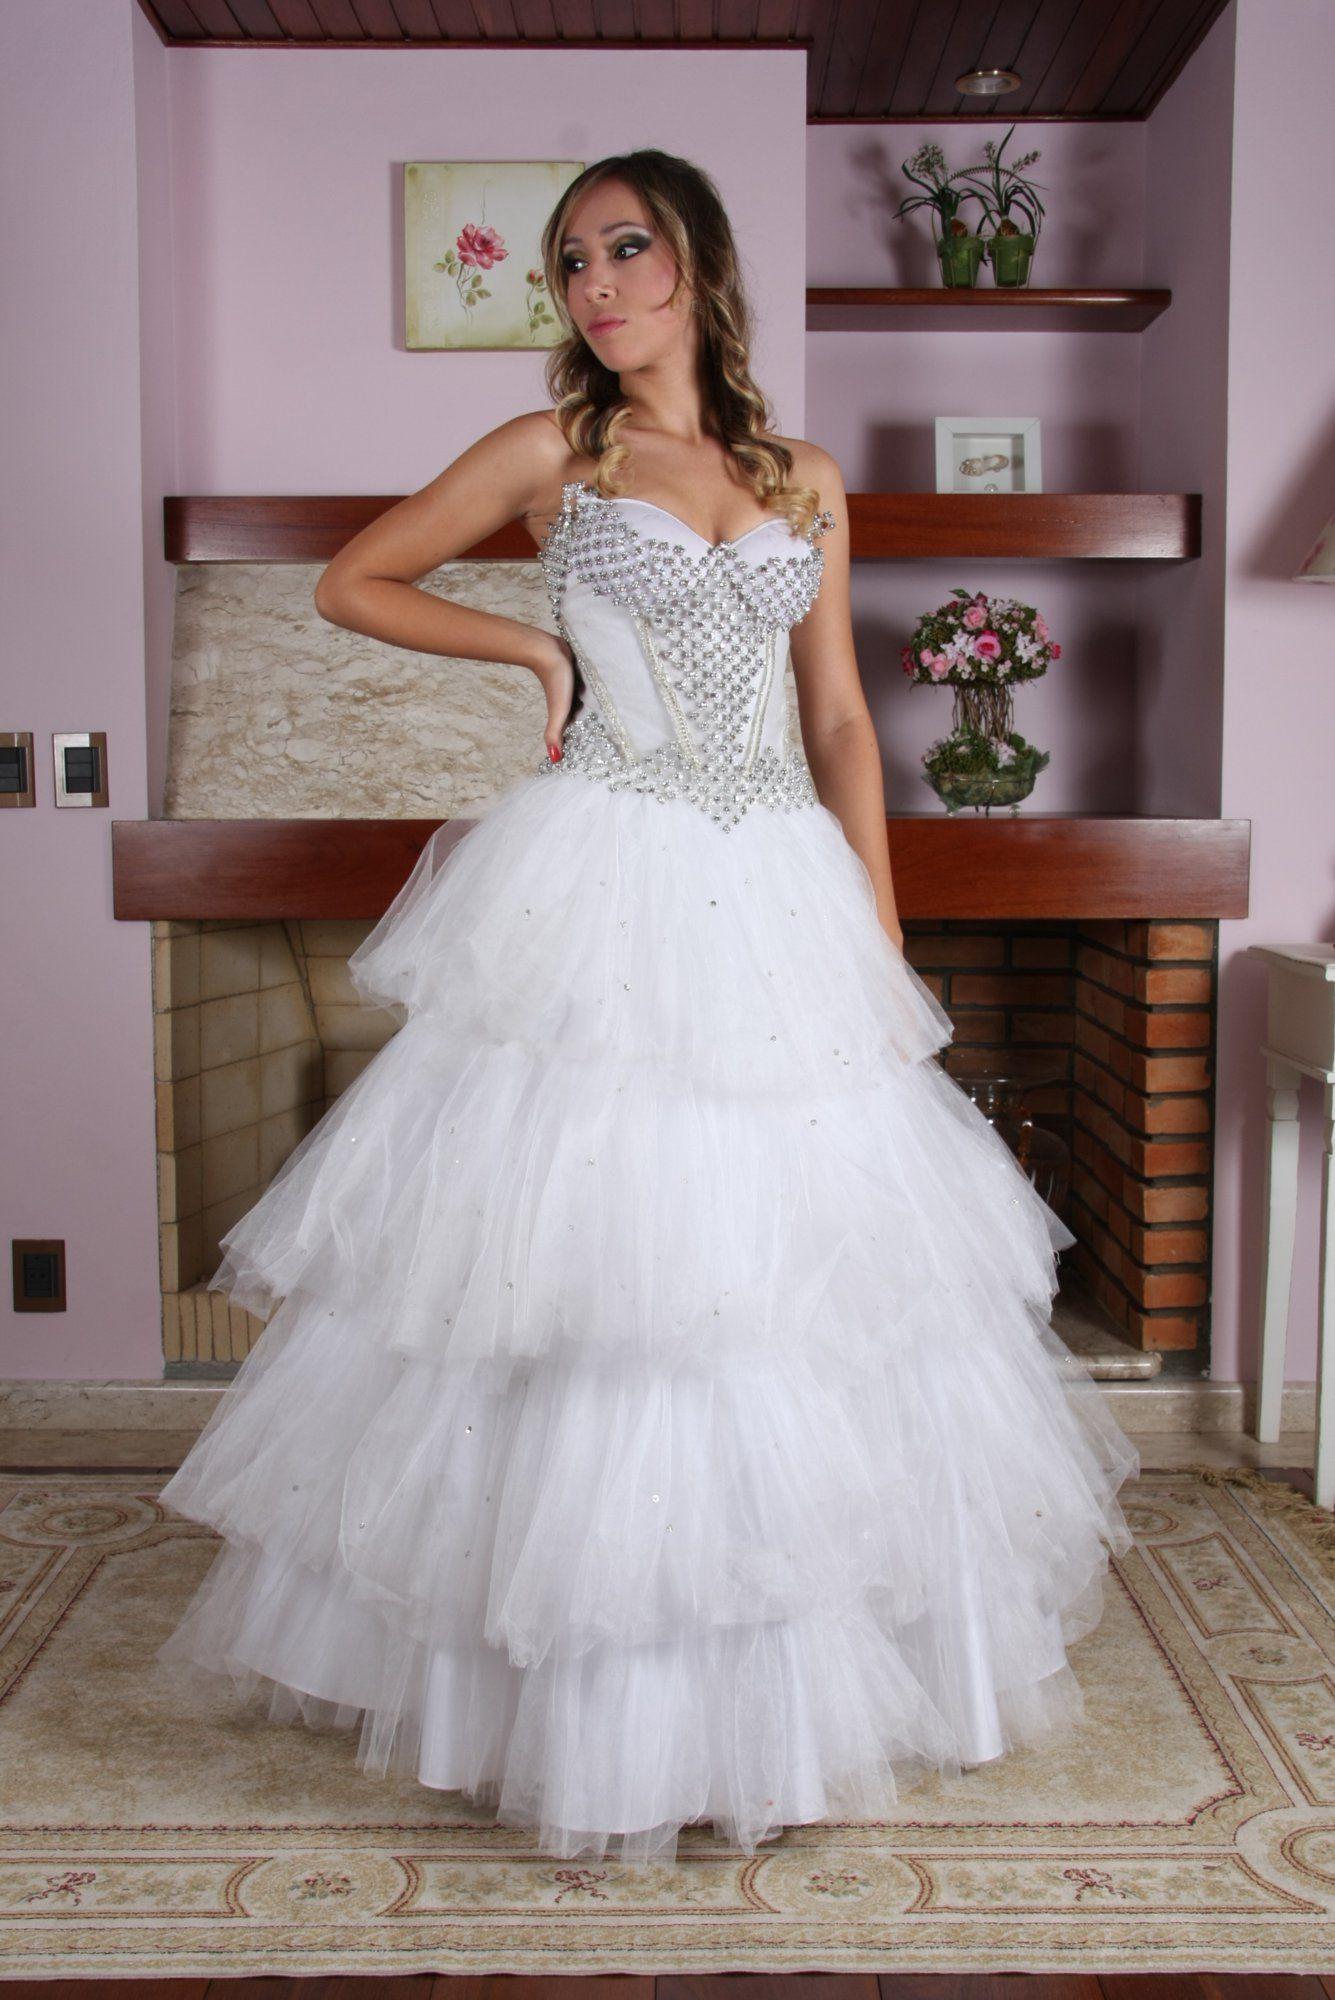 Vestido de Debutante Branco - 6 - Hipnose Alta Costura e Spa para Noivas e Noivos - Campinas - SP Vestido de Debutante, Vestido de Debutante Branco, Hipnose Alta Costura